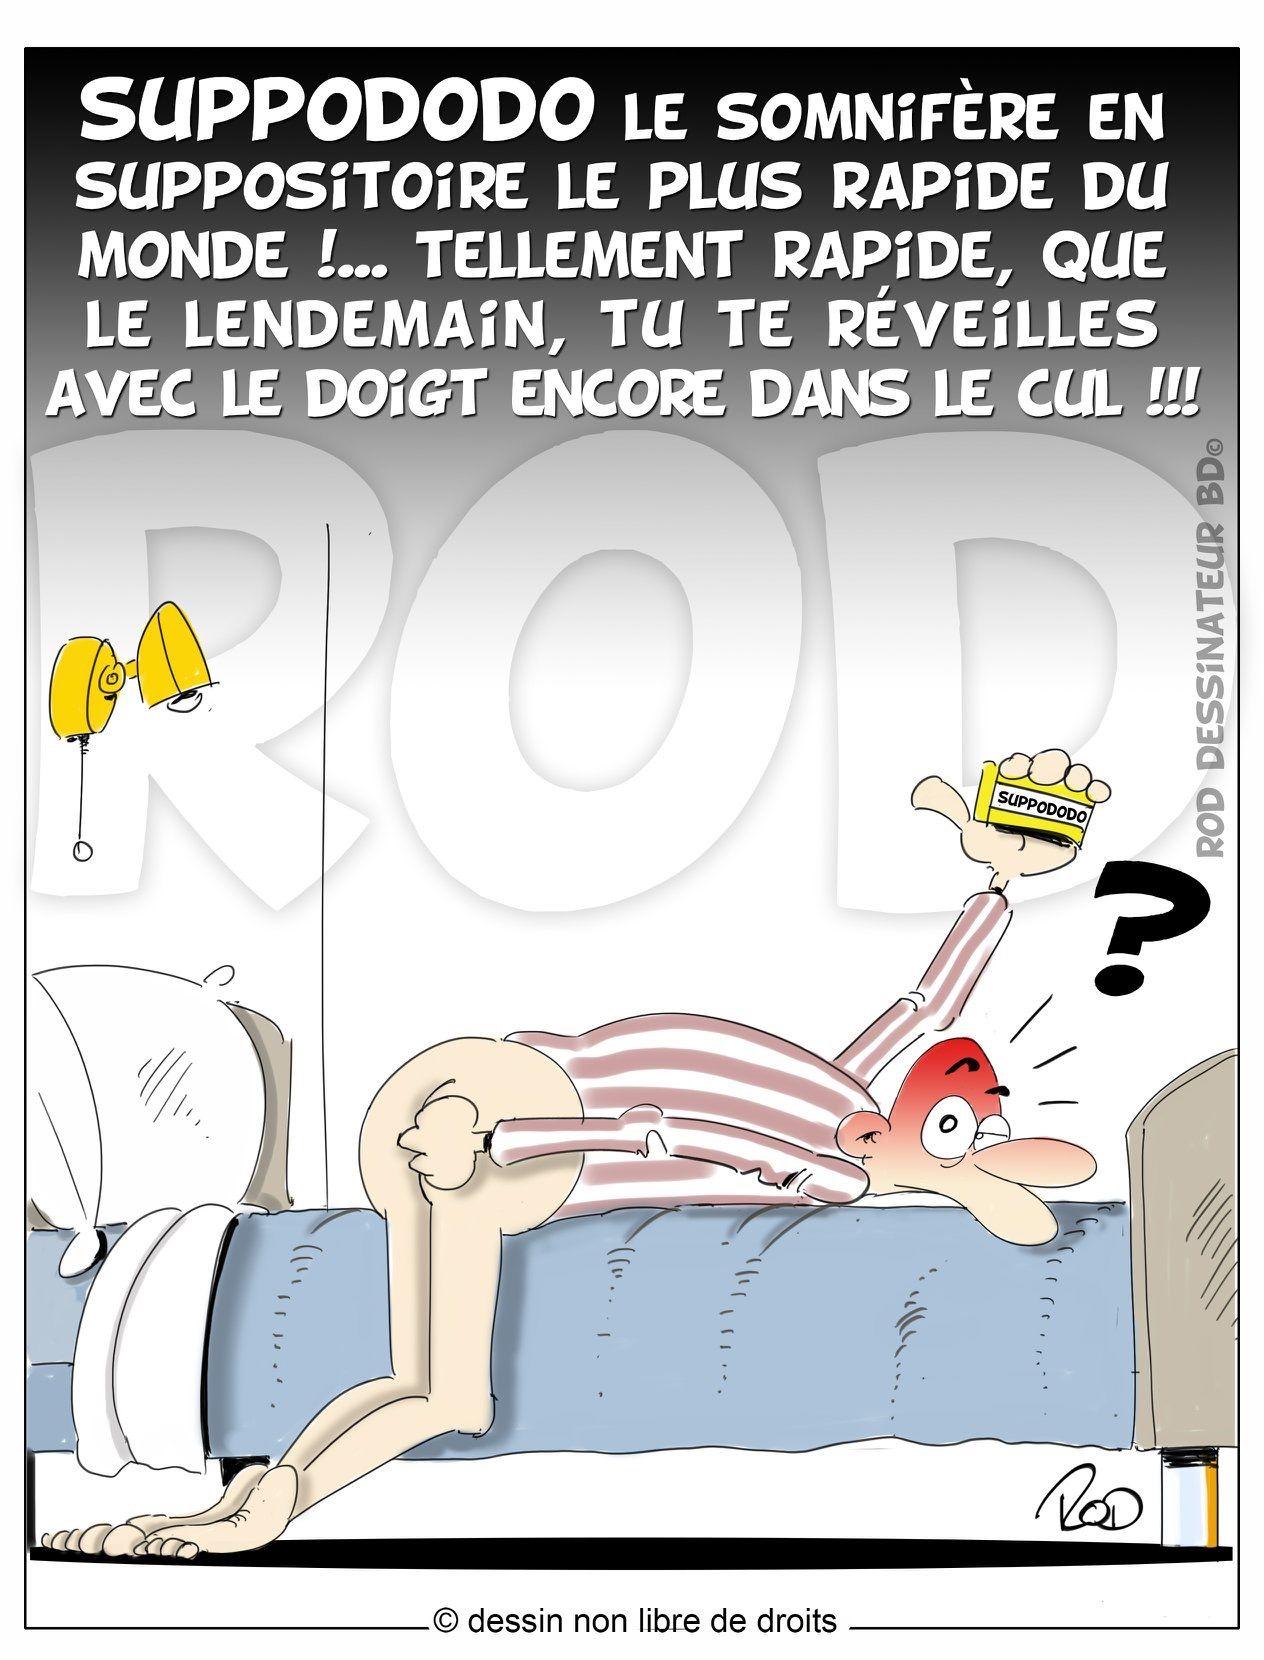 Epingle Par Pracros Sur Humour Blague Pour Rire Humour Francais Humour Drole